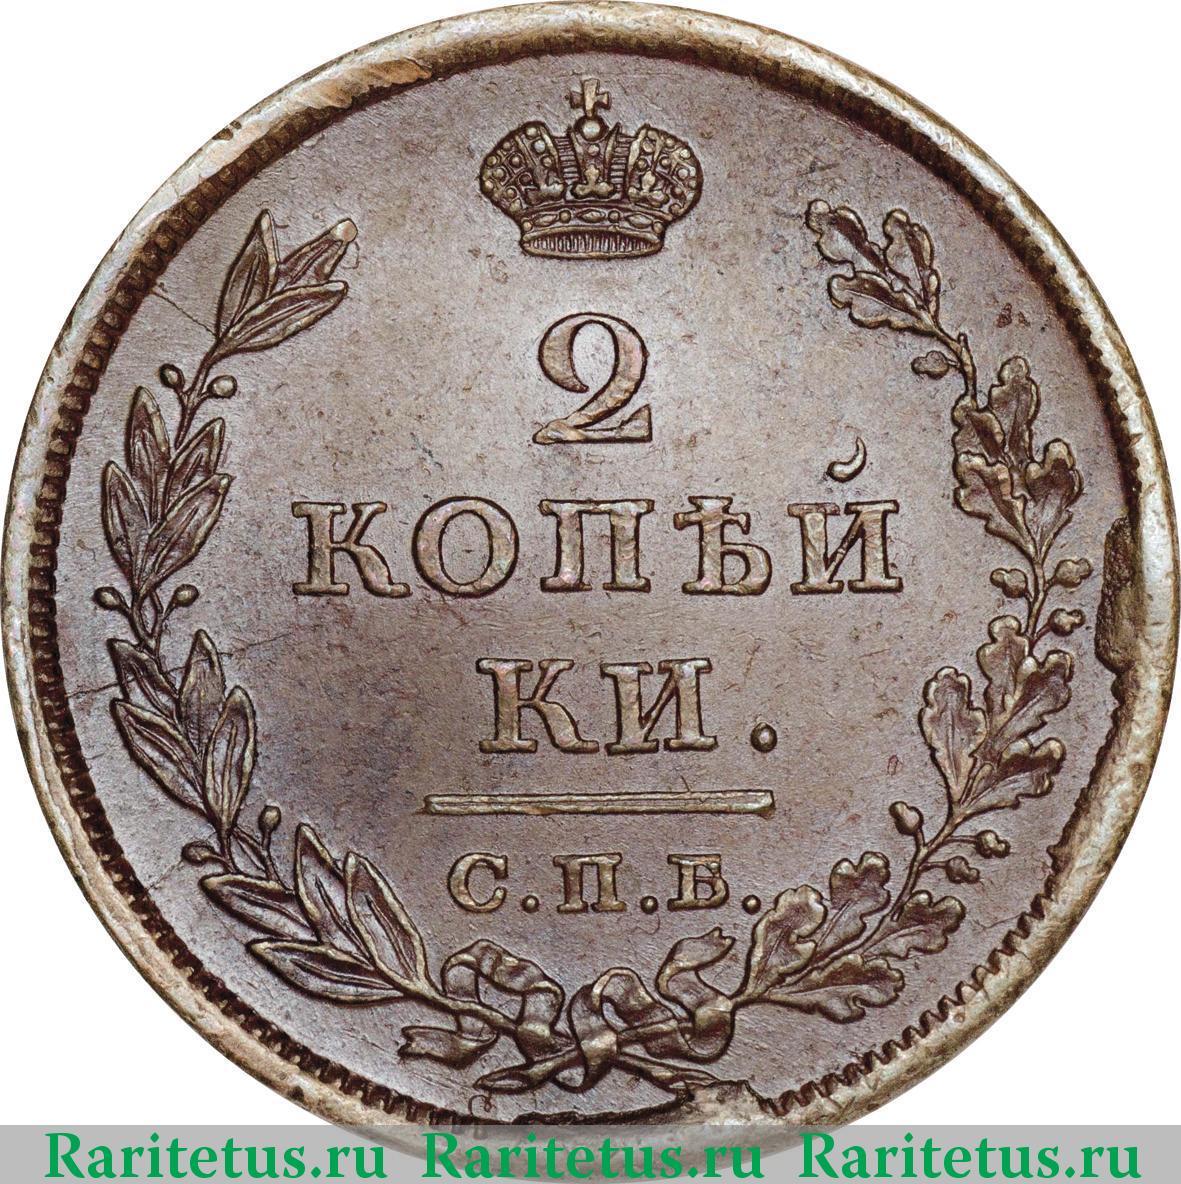 2 копейки 1811 года стоимость червонев